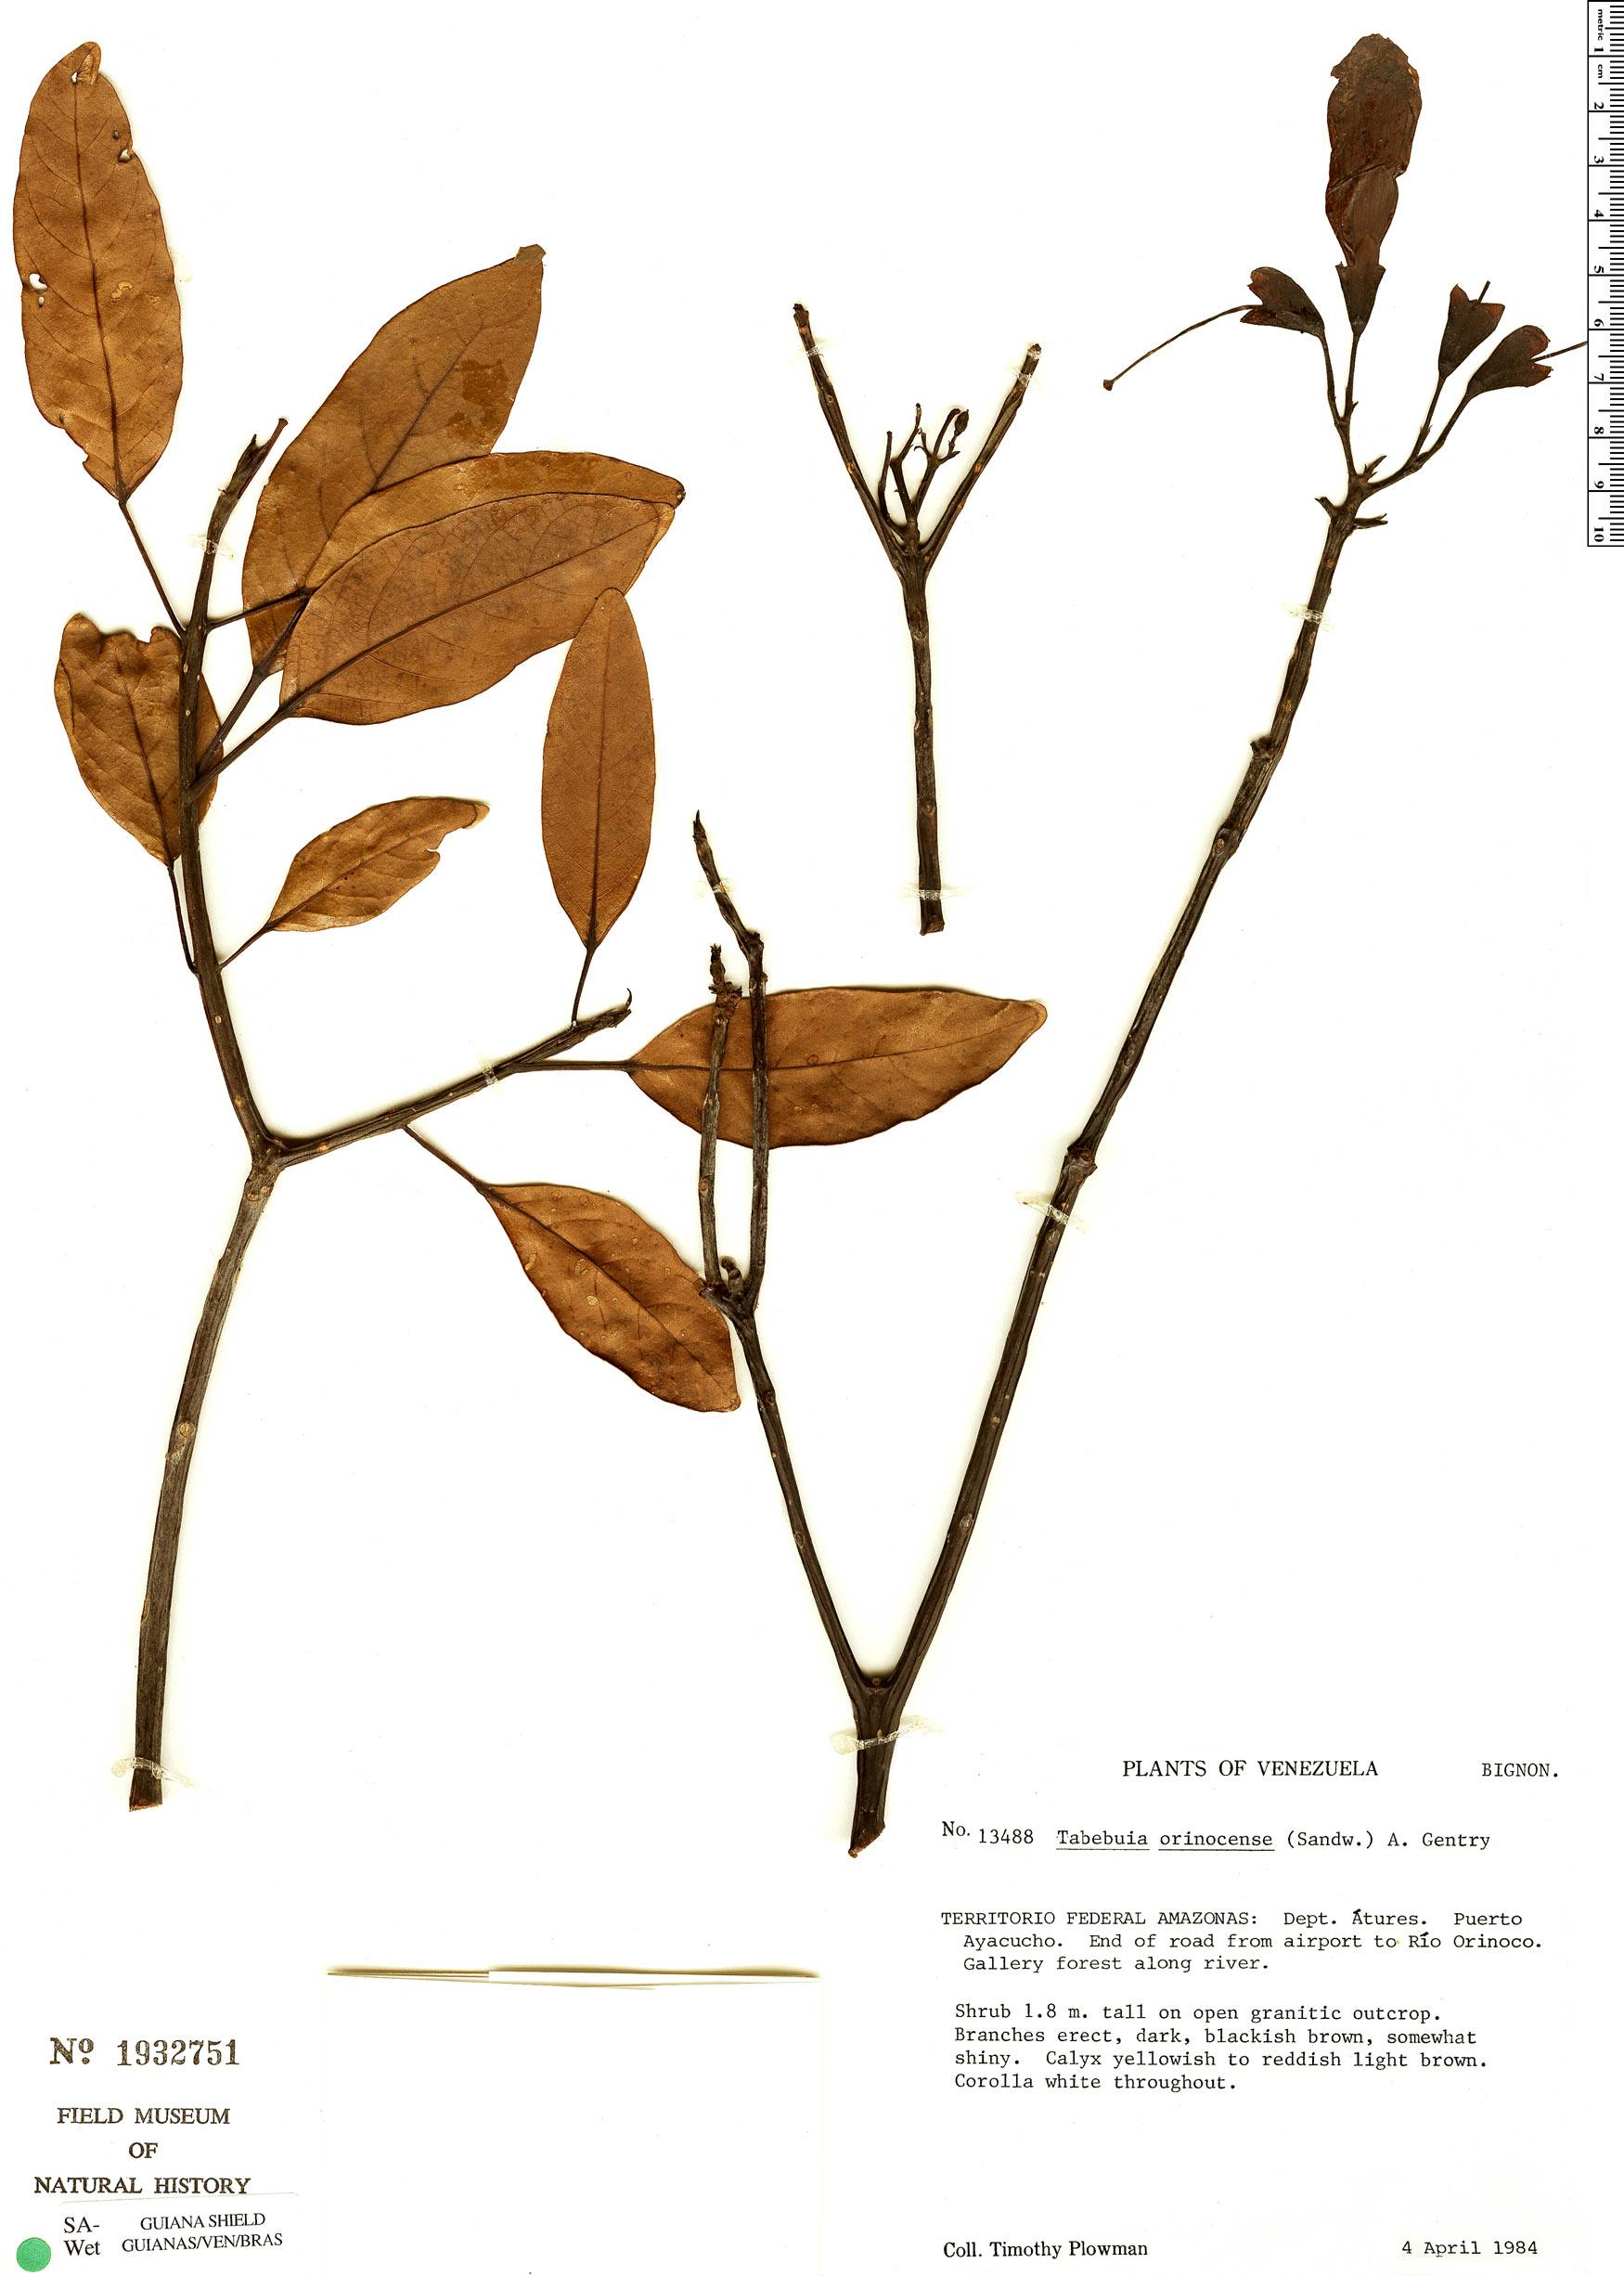 Specimen: Tabebuia orinocensis